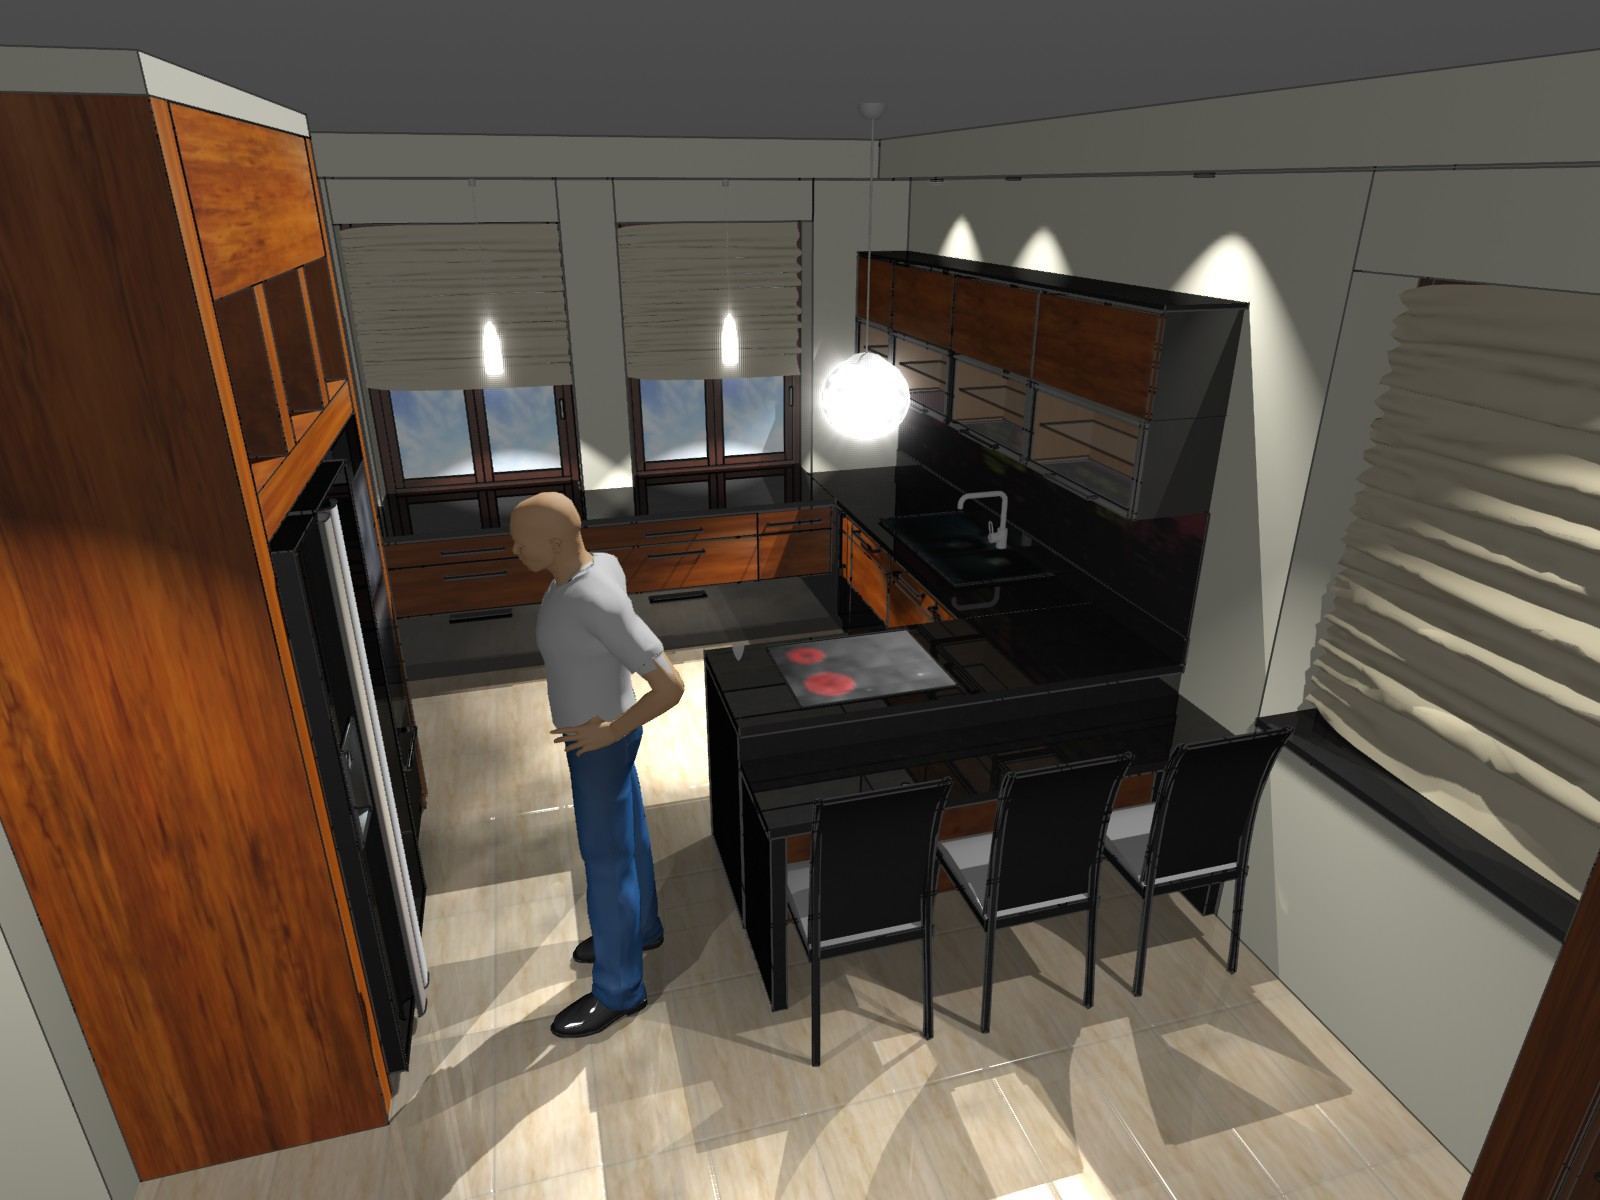 Kuchnia Nowoczesna 1 Emka Studio